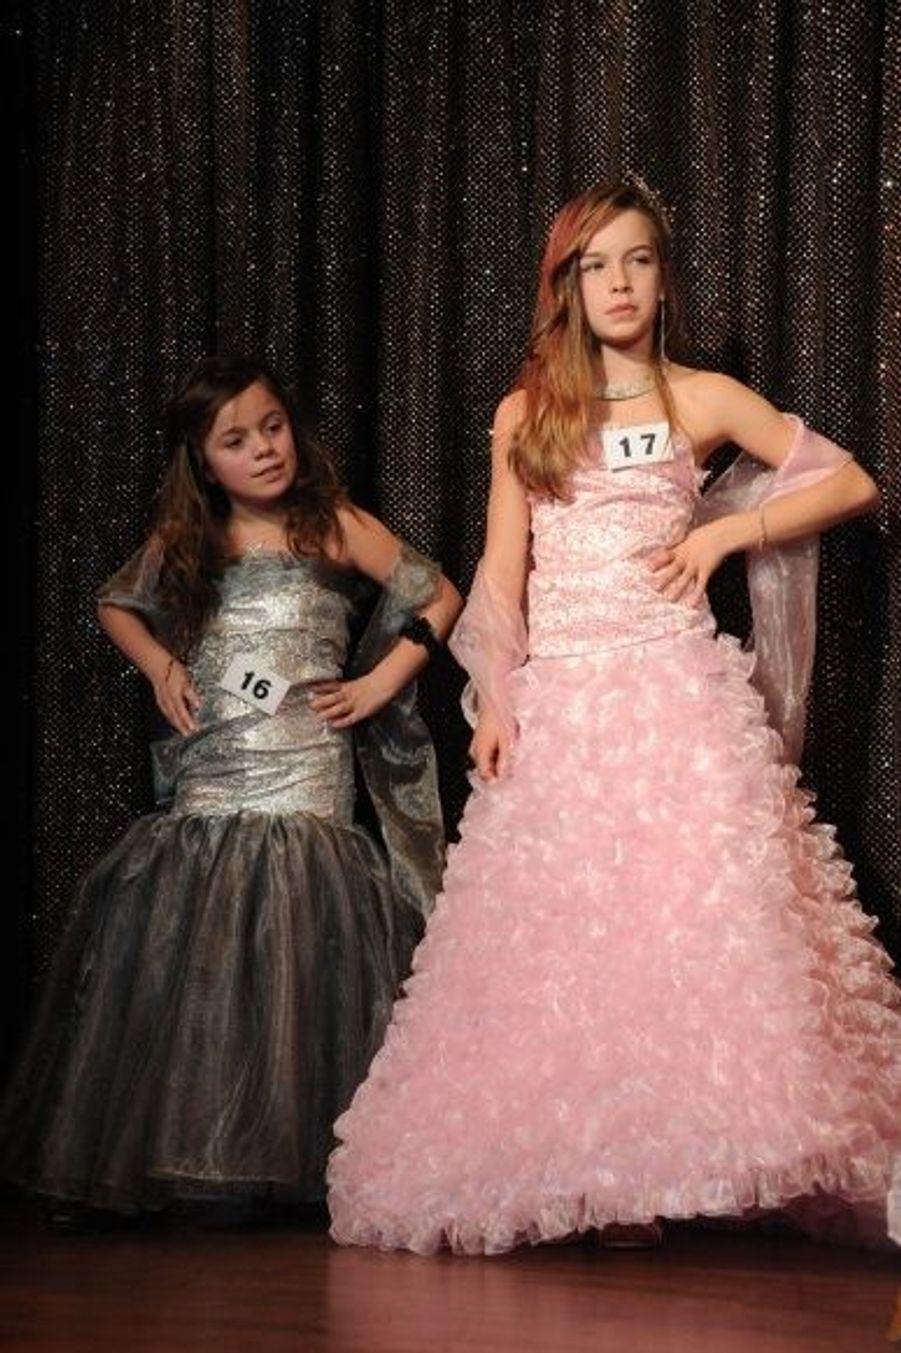 Les tenues des Minis Miss ont de quoi faire rêver toutes les petites filles. Qu'elle soient roses, à froufrous ou à dentelle, ces robes sont dignes d'un vrai conte de fée.